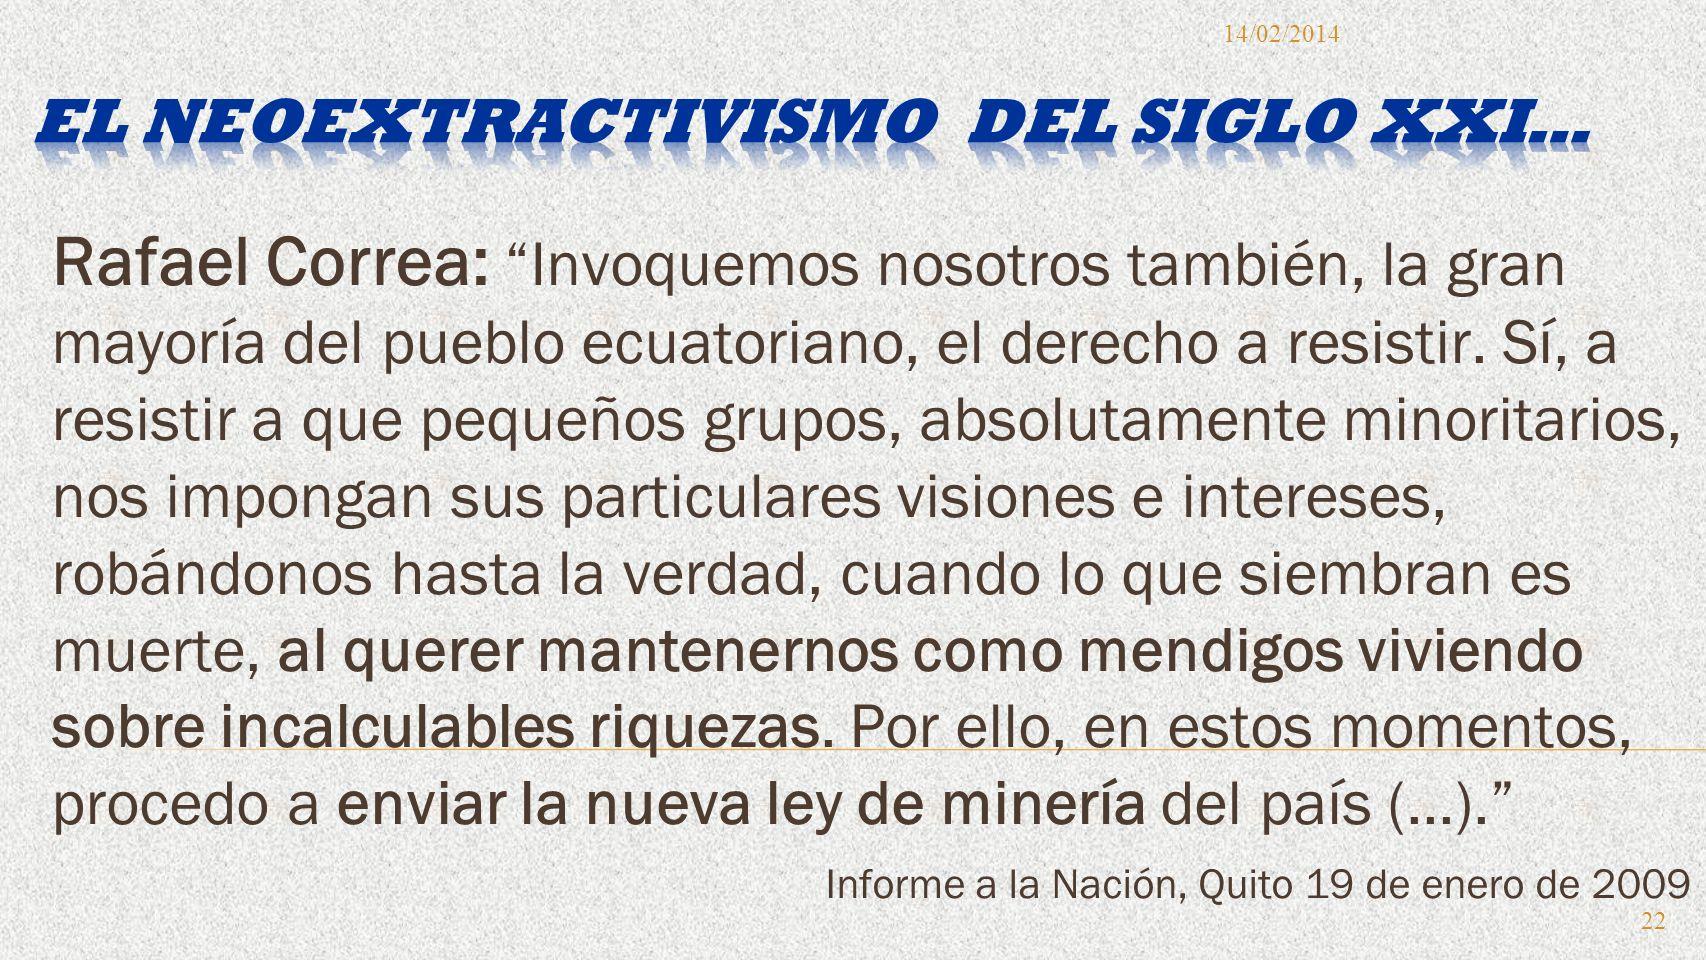 Rafael Correa: Invoquemos nosotros también, la gran mayoría del pueblo ecuatoriano, el derecho a resistir.